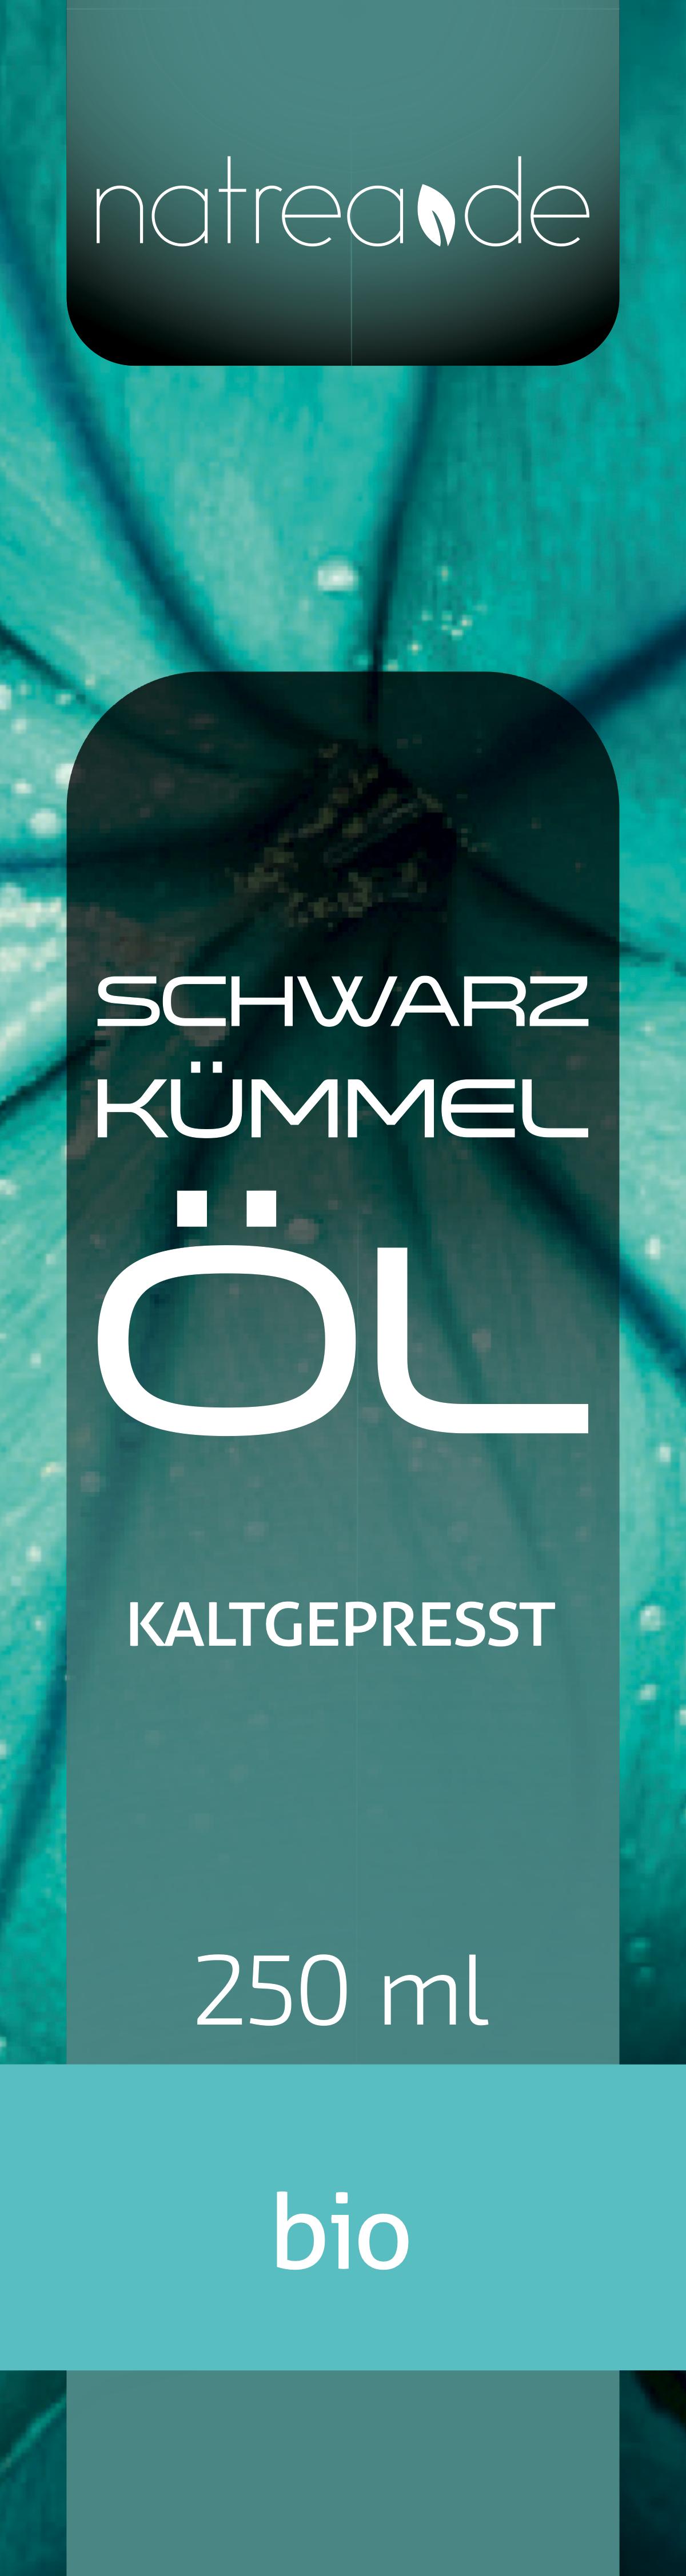 Label für Schwarzkümmelöl